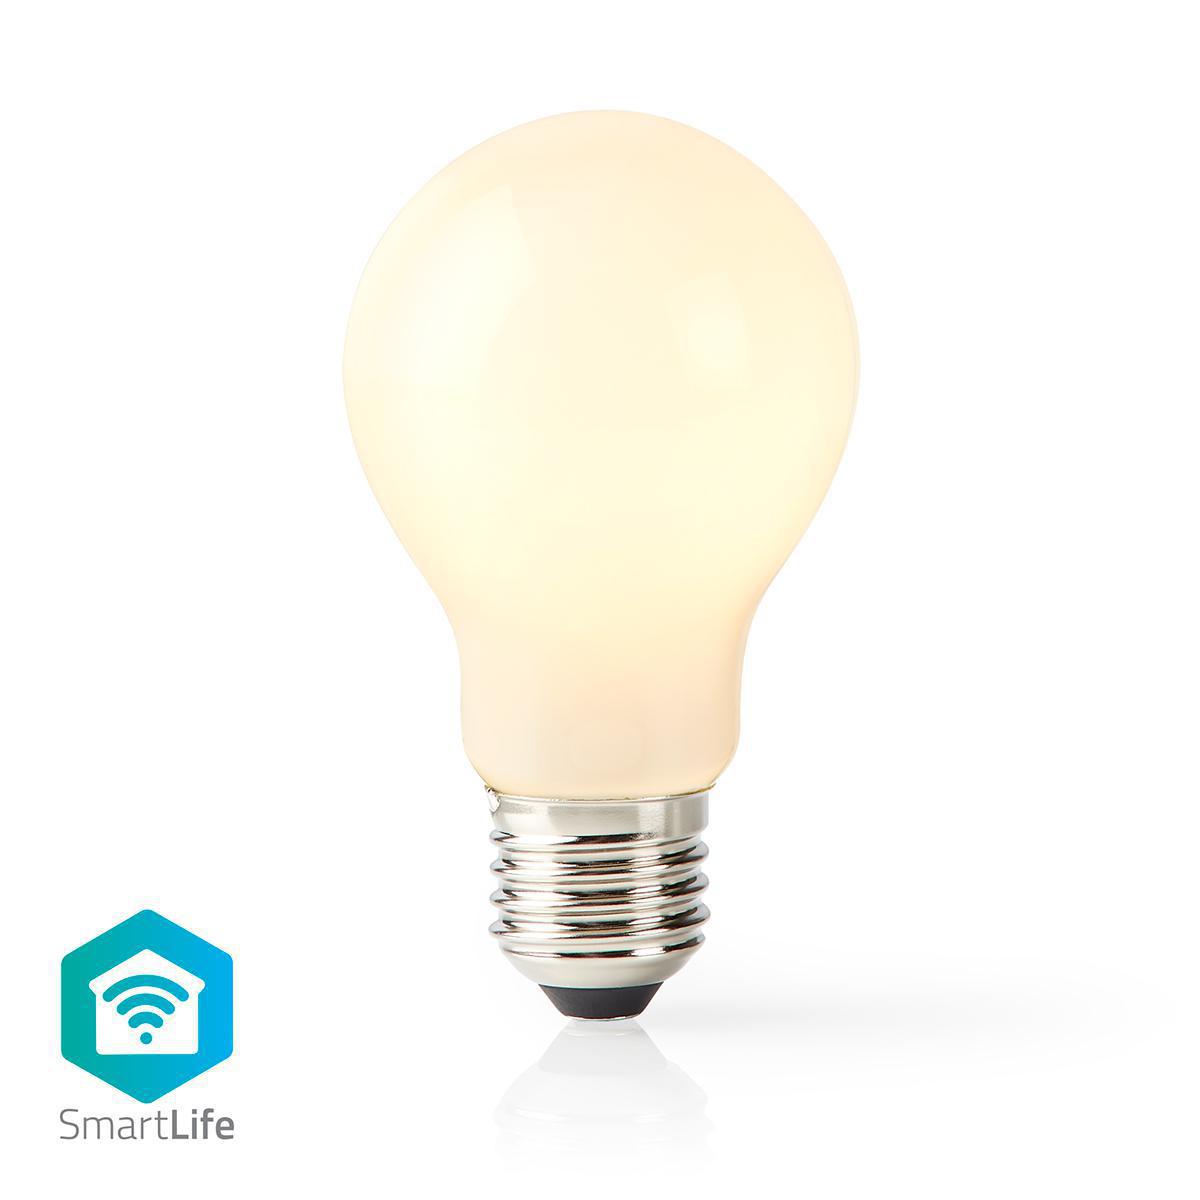 Slimme Led Lamp met wifi E27 fitting 2700K - warm wit - vooraanzicht lamp